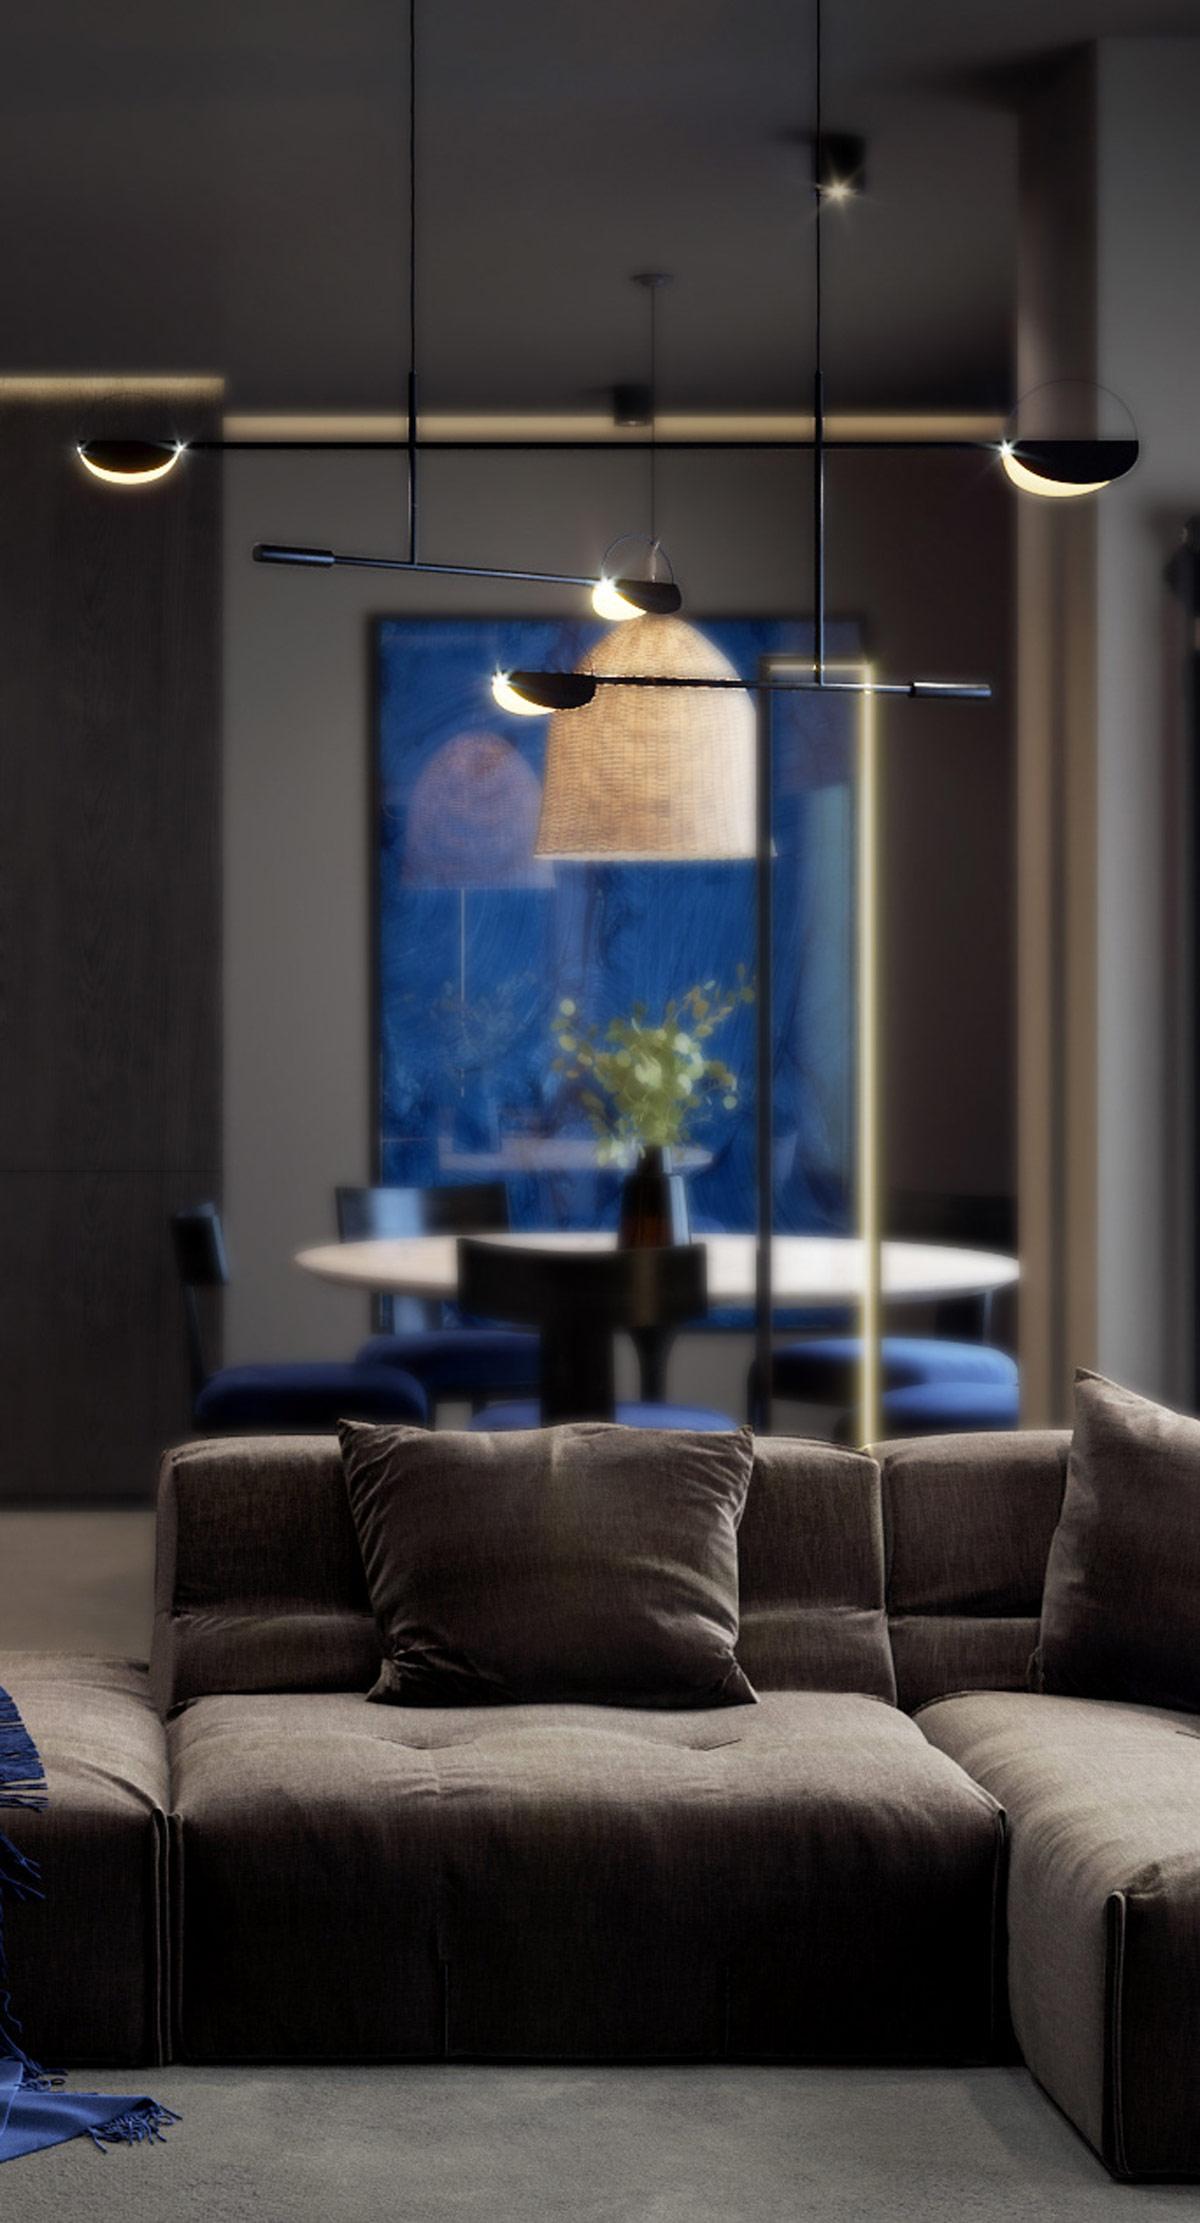 Những chiếc gối ném được phối hợp màu sắc tạo chiều sâu cho sự thoải mái trên ghế sofa hiện đại mà không phá vỡ tính thẩm mỹ kín đáo